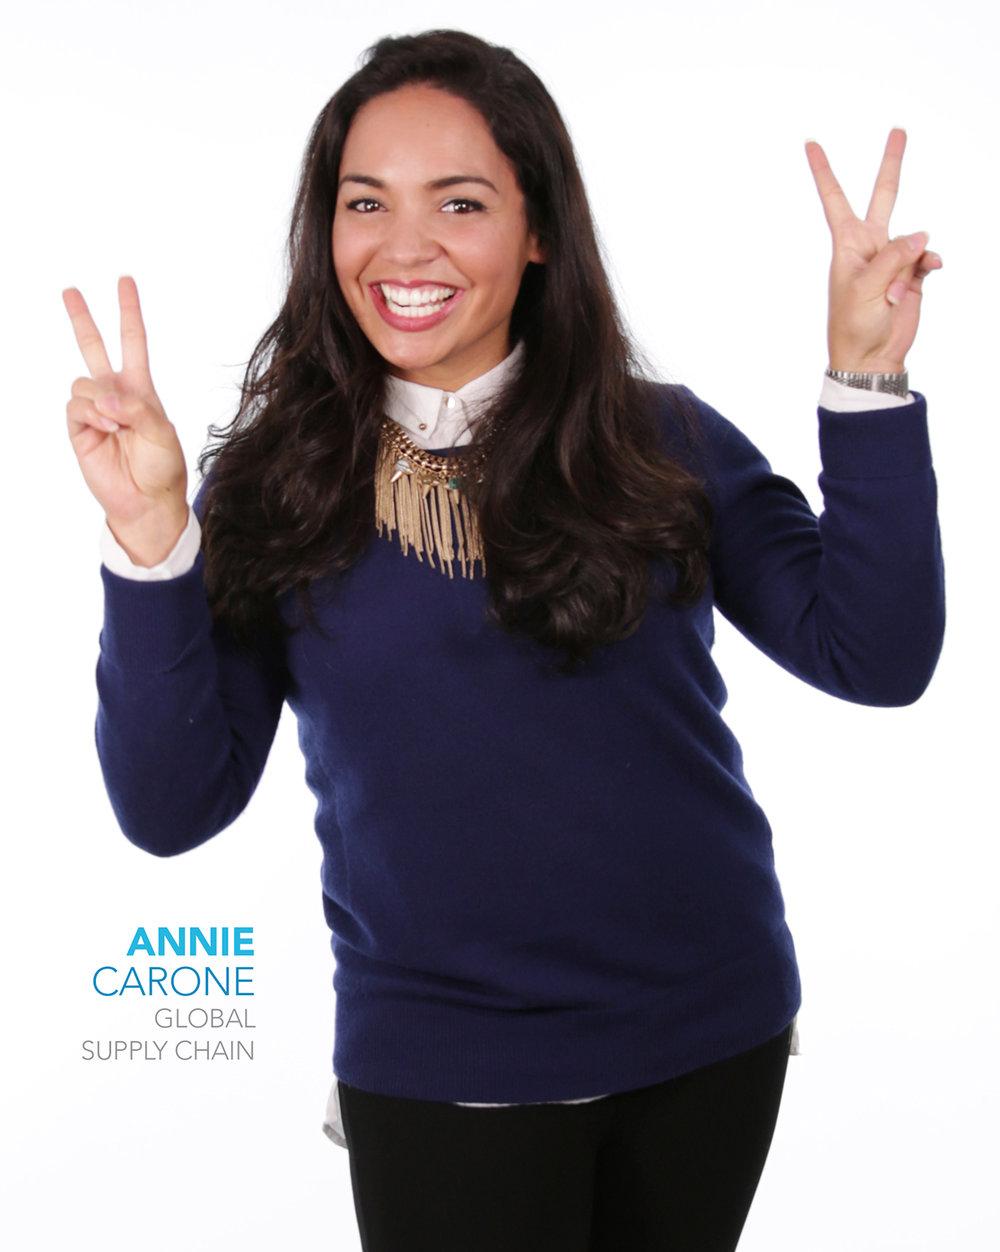 Annie Carone Gap Inc.